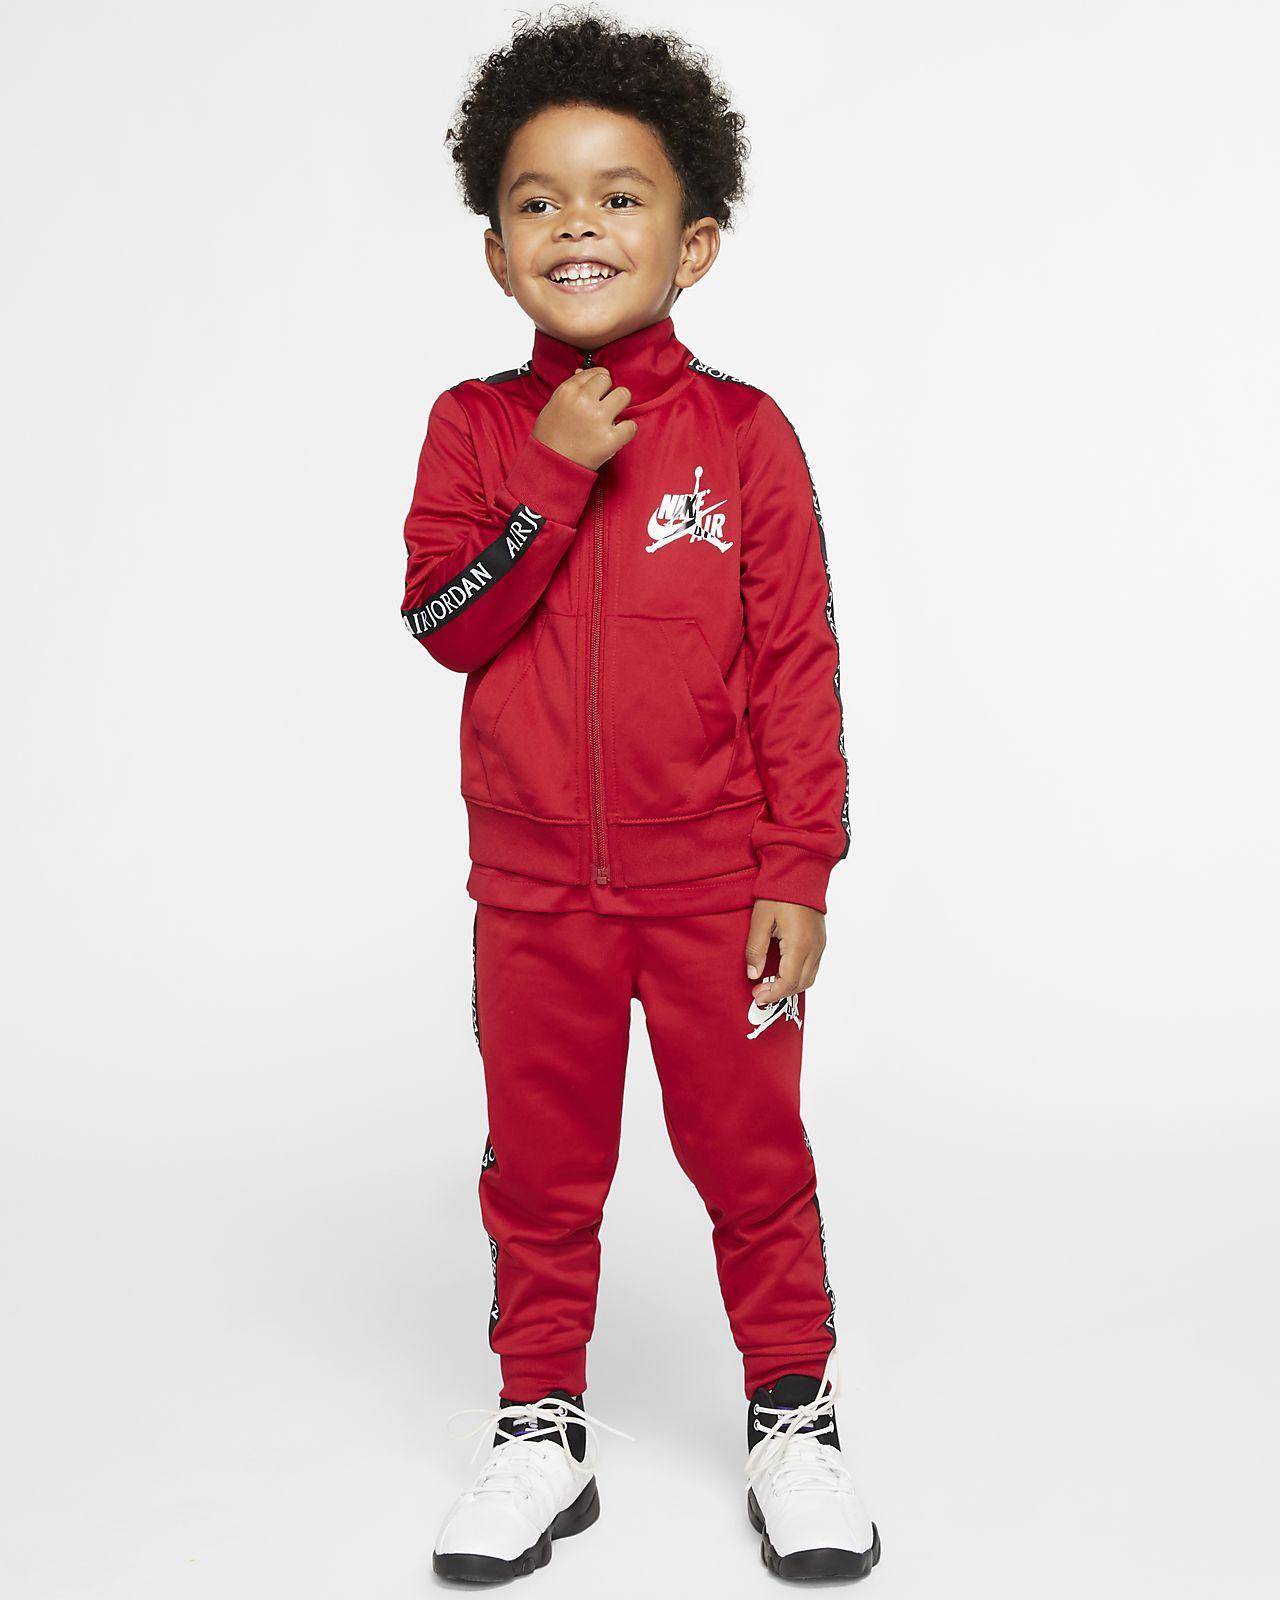 Completo con pantaloni e giacca Jordan Jumpman Classics - Bimbi piccoli